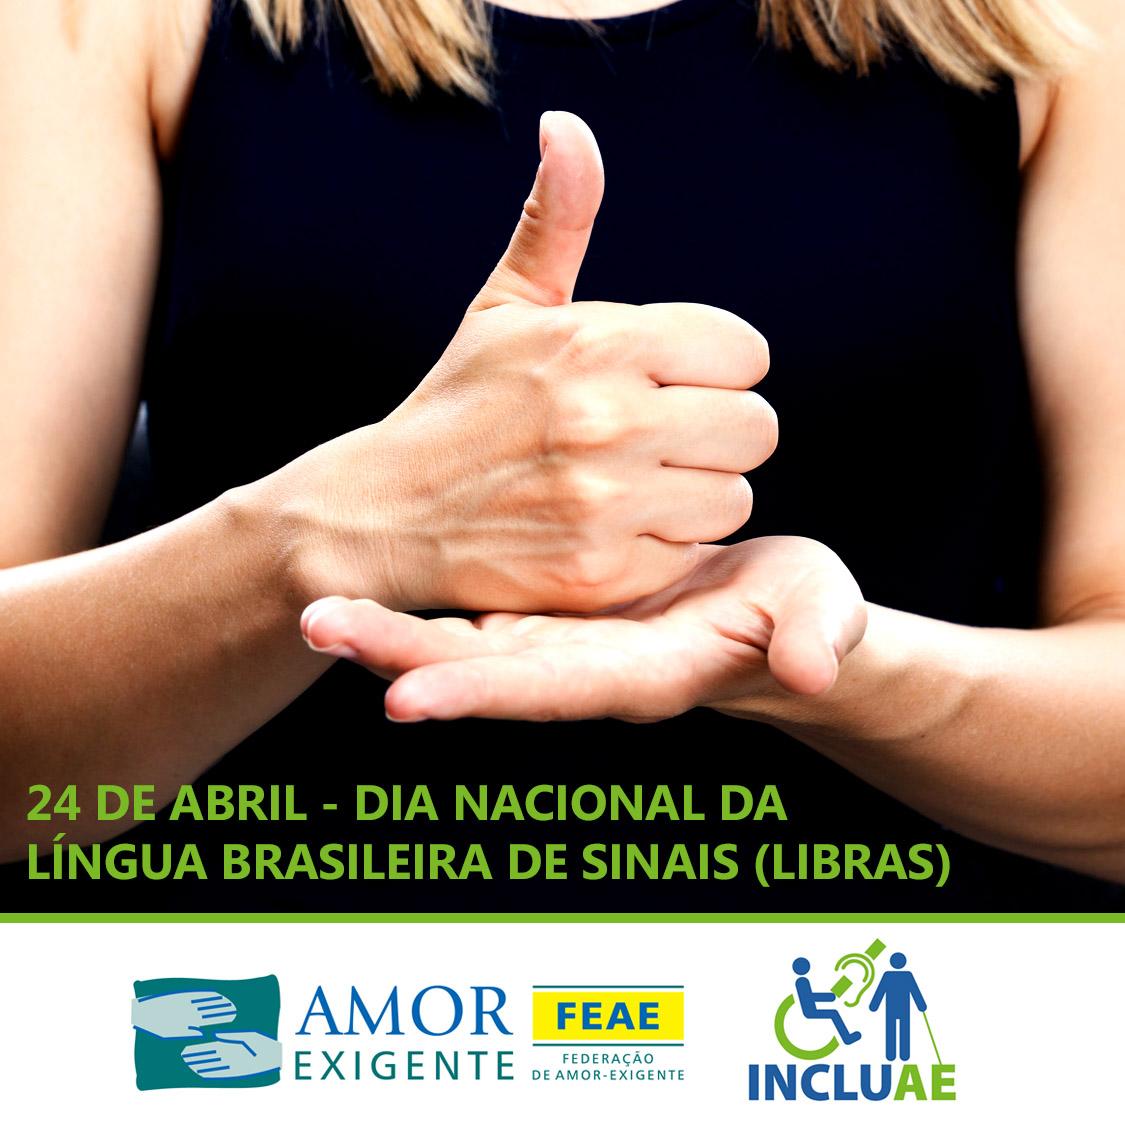 Dia Nacional da Linguagem de Libras